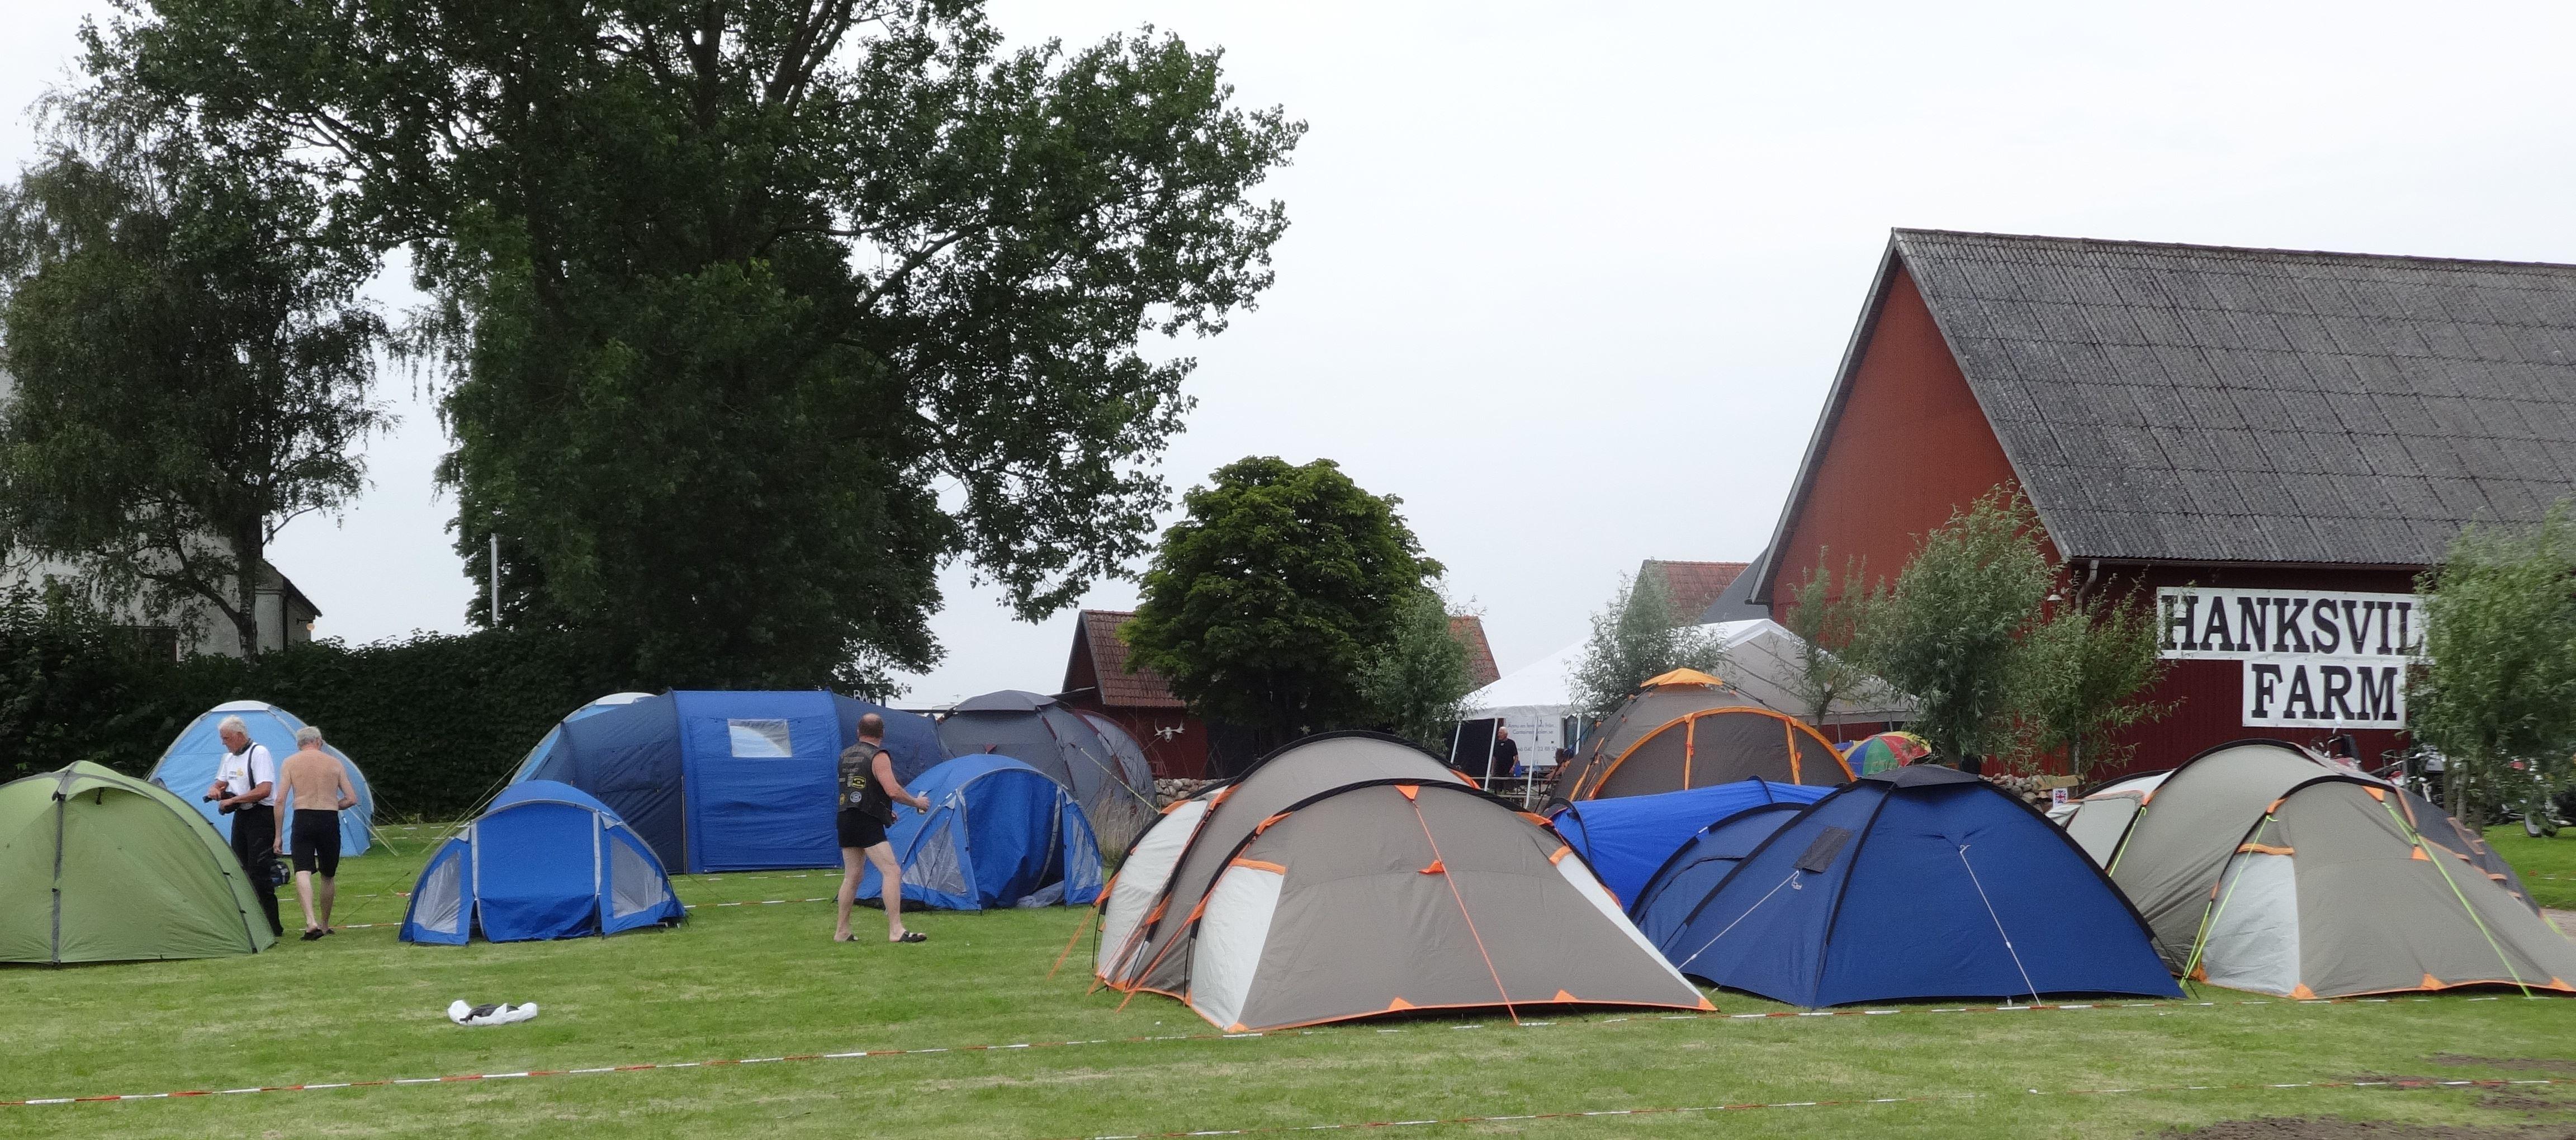 © Hanksville, Hanksville Farm Camping